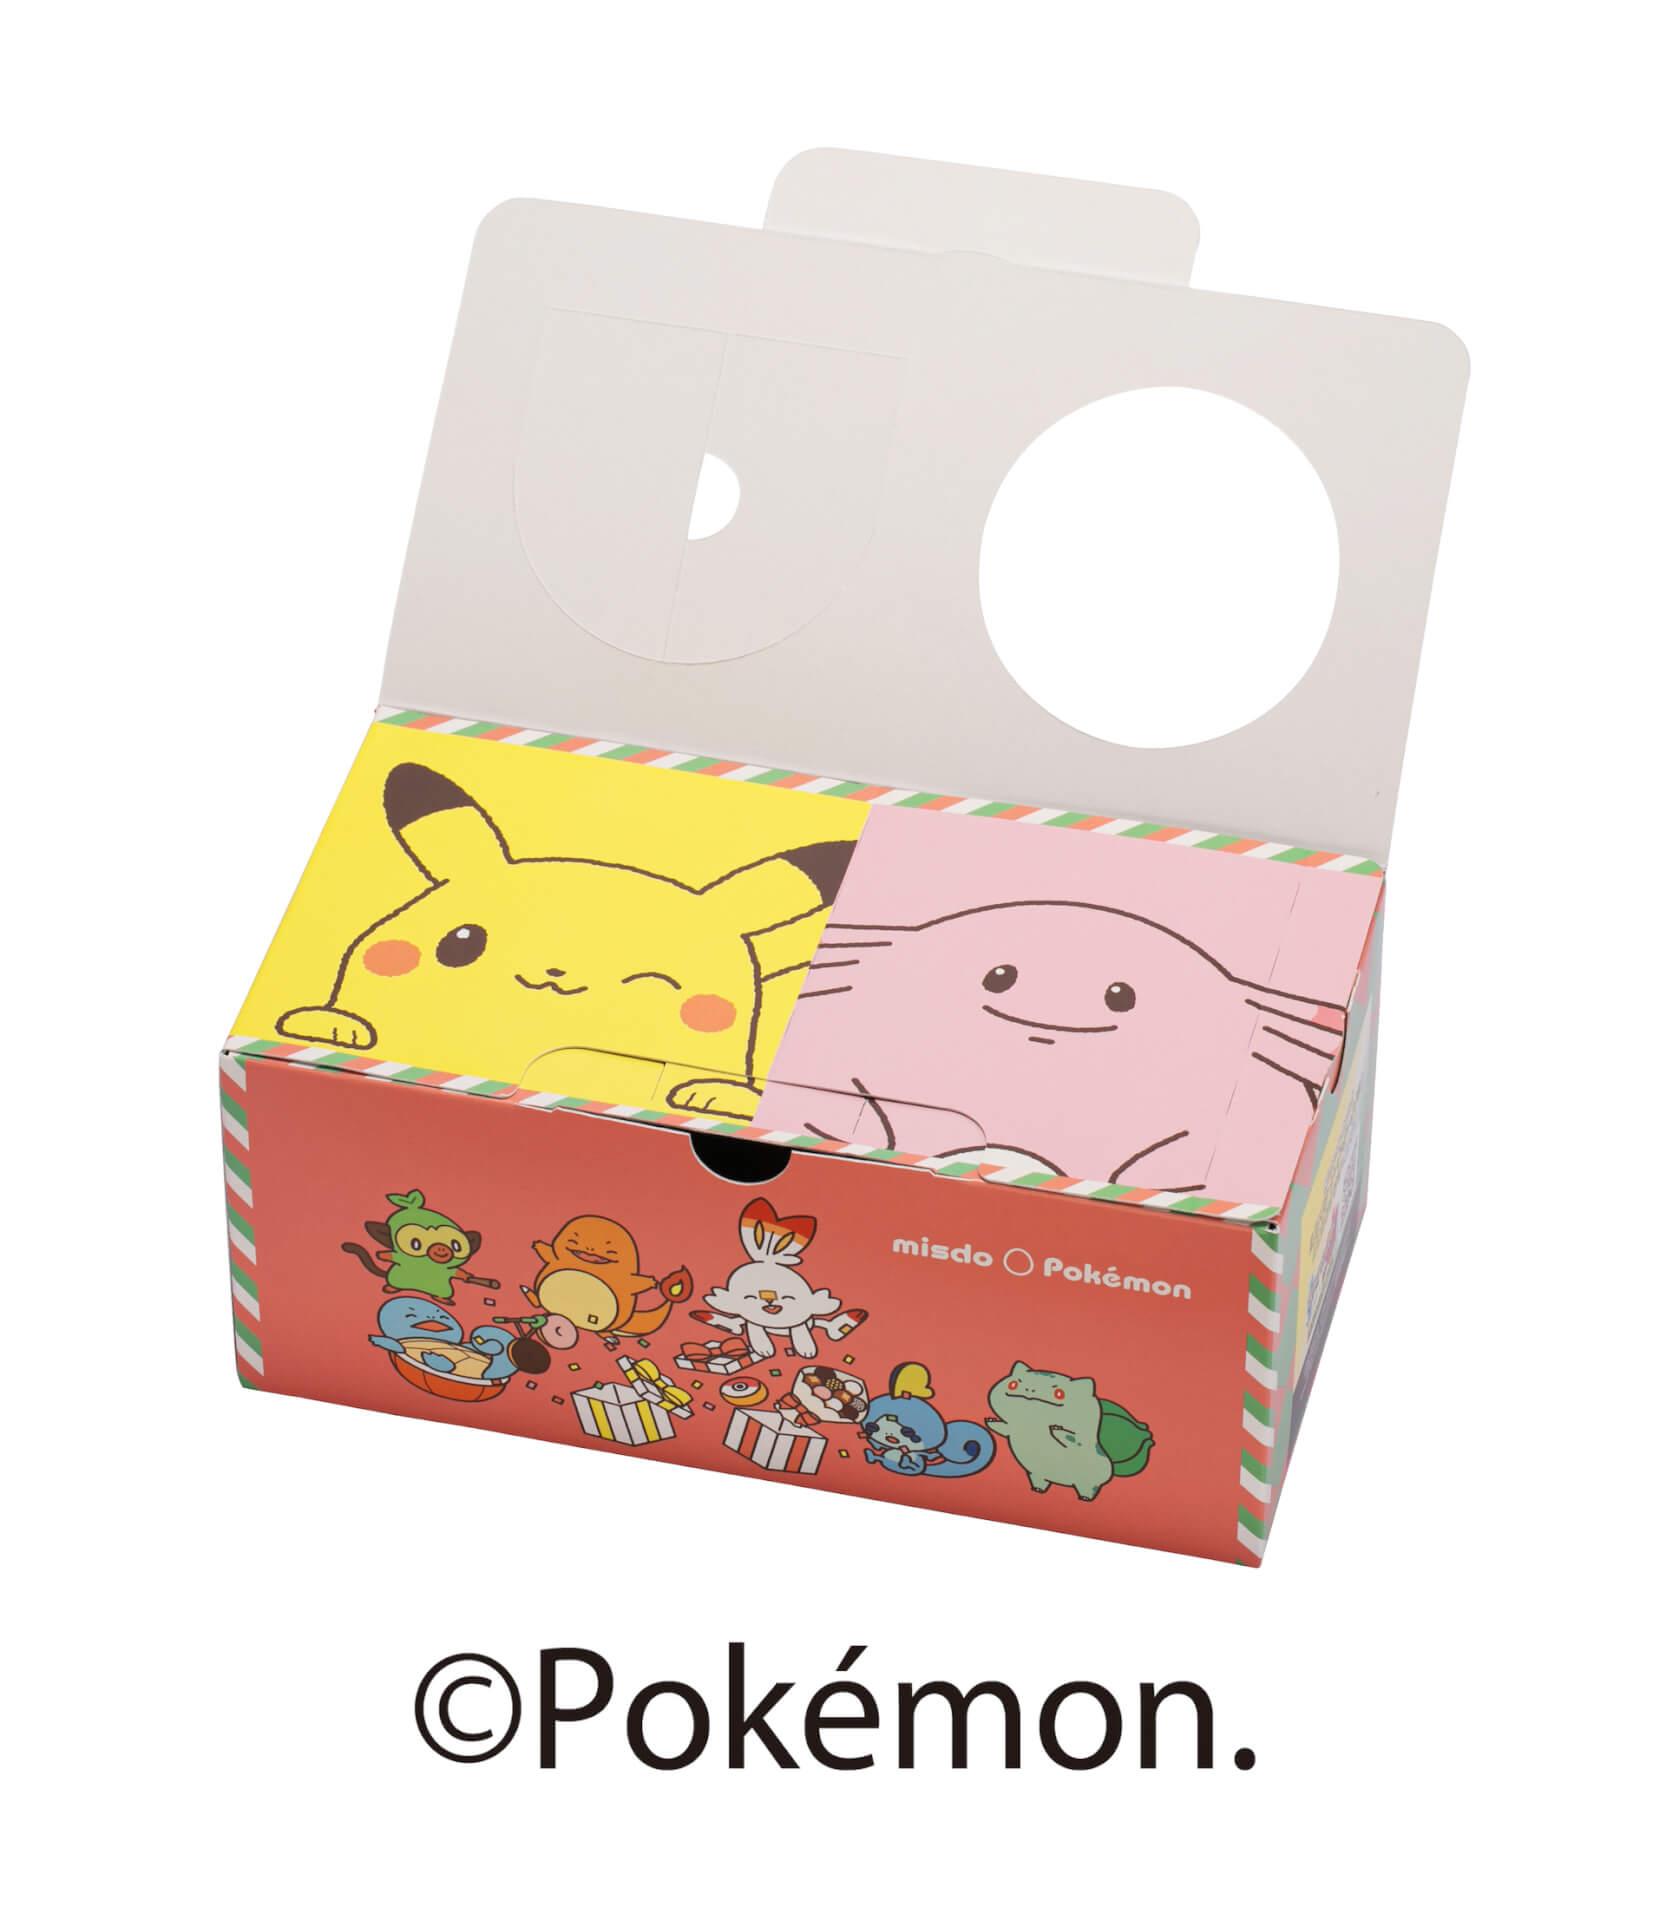 ミスドとポケモンのコラボドーナツ&グッズがついに解禁!ピカチュウ、ラッキーがドーナツに gourmet201105_misdo_pokemon_13